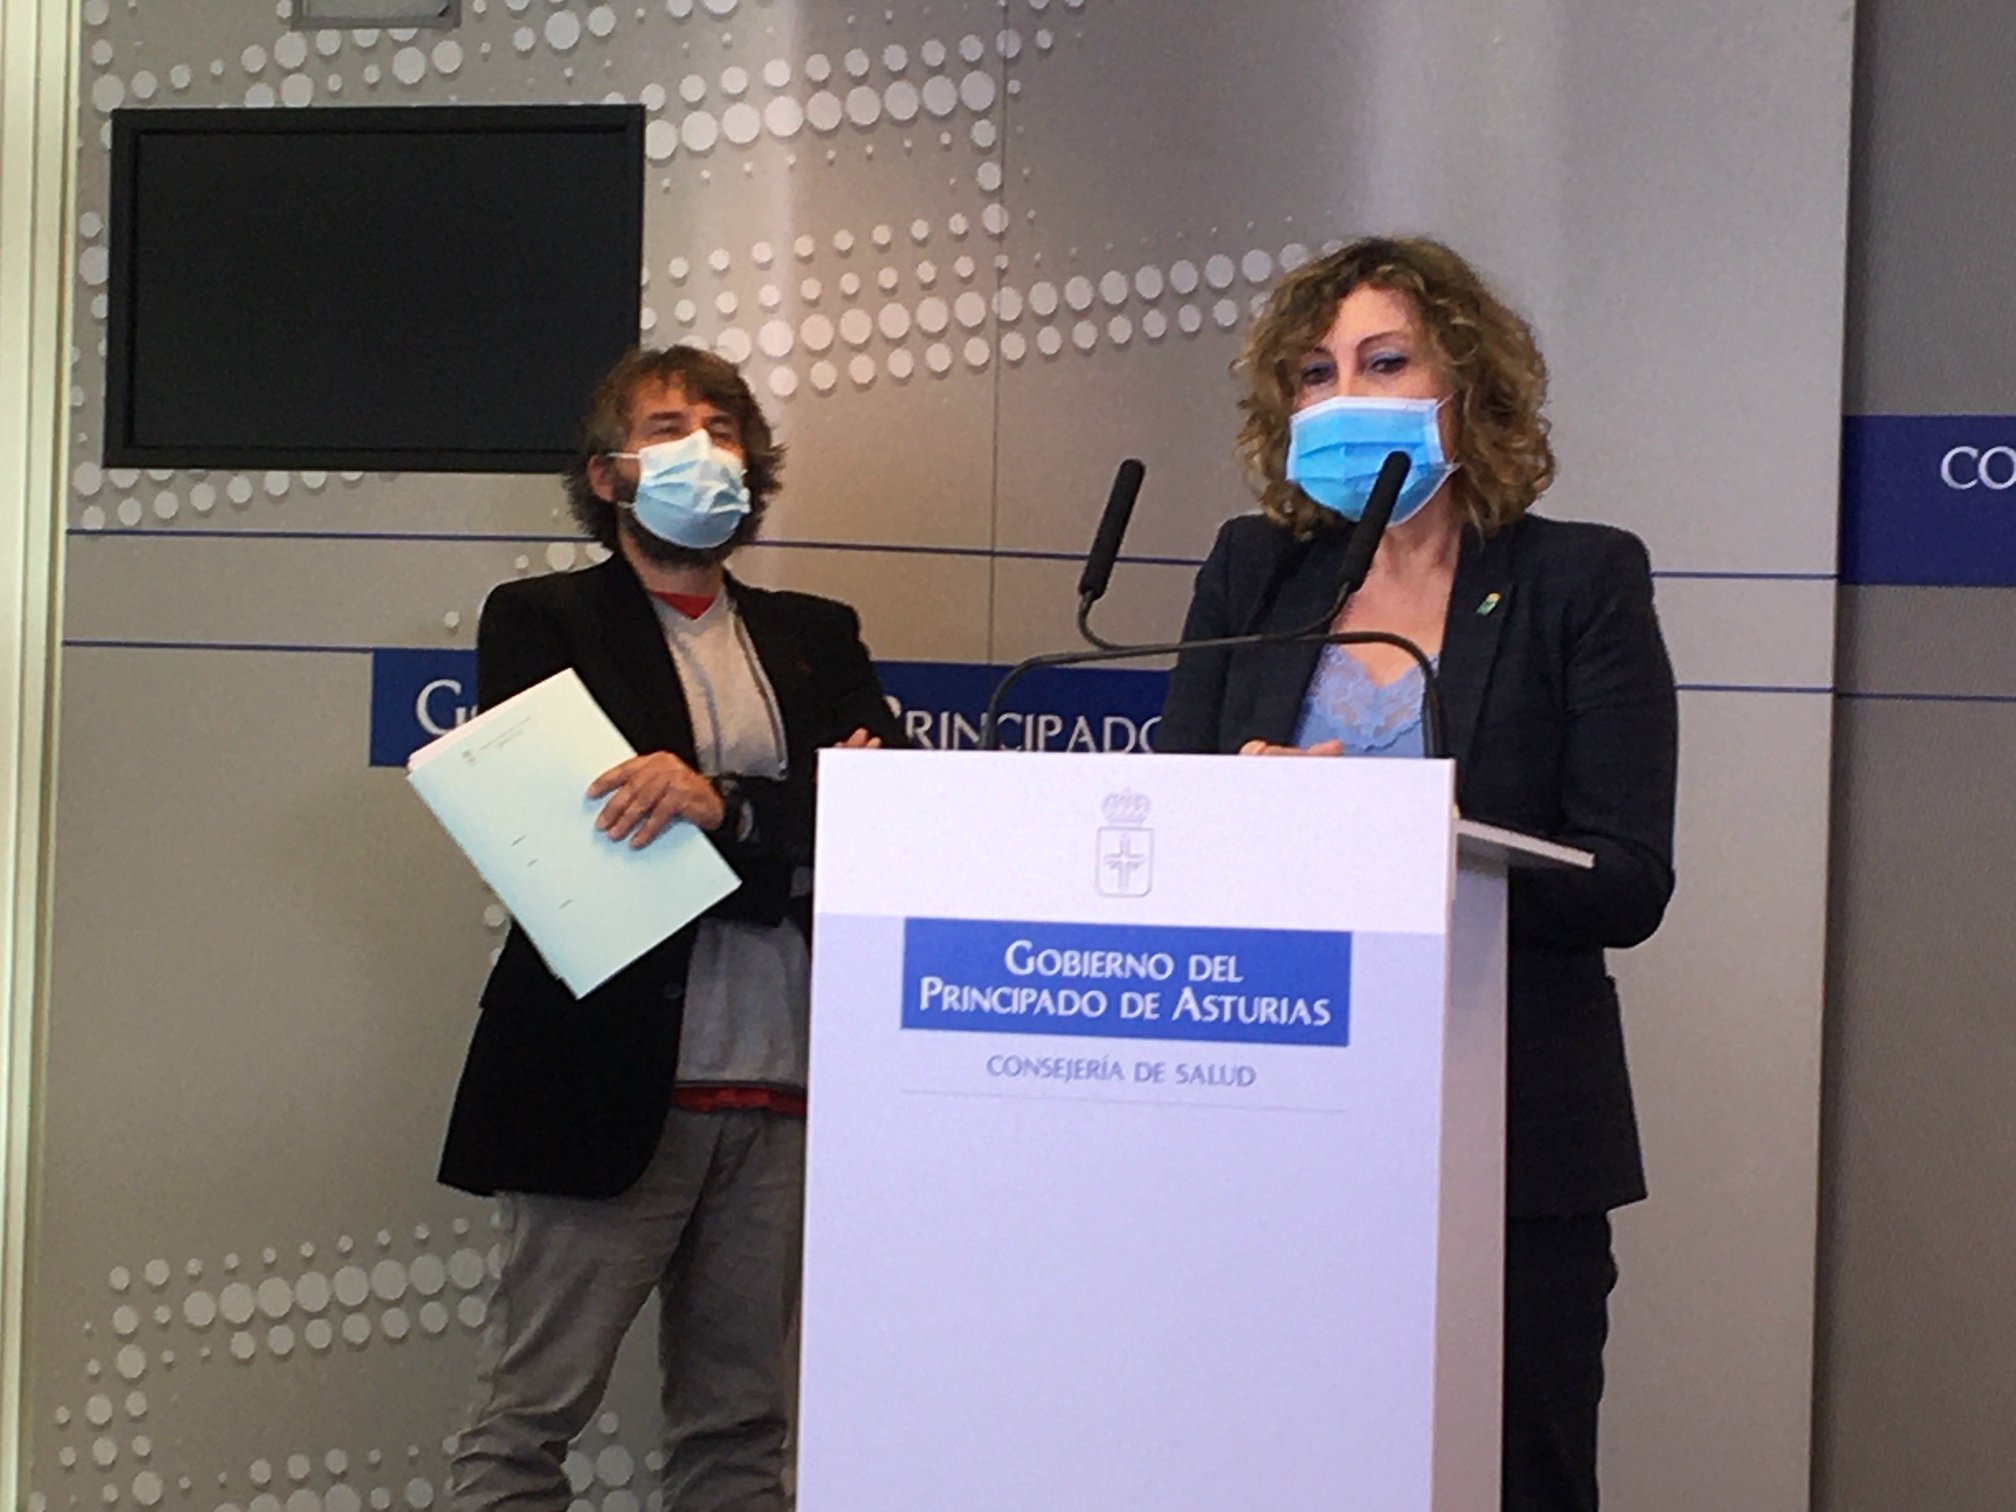 El Principado concede 800.000 euros en ayudas a programas municipales para la prevención del consumo de drogas